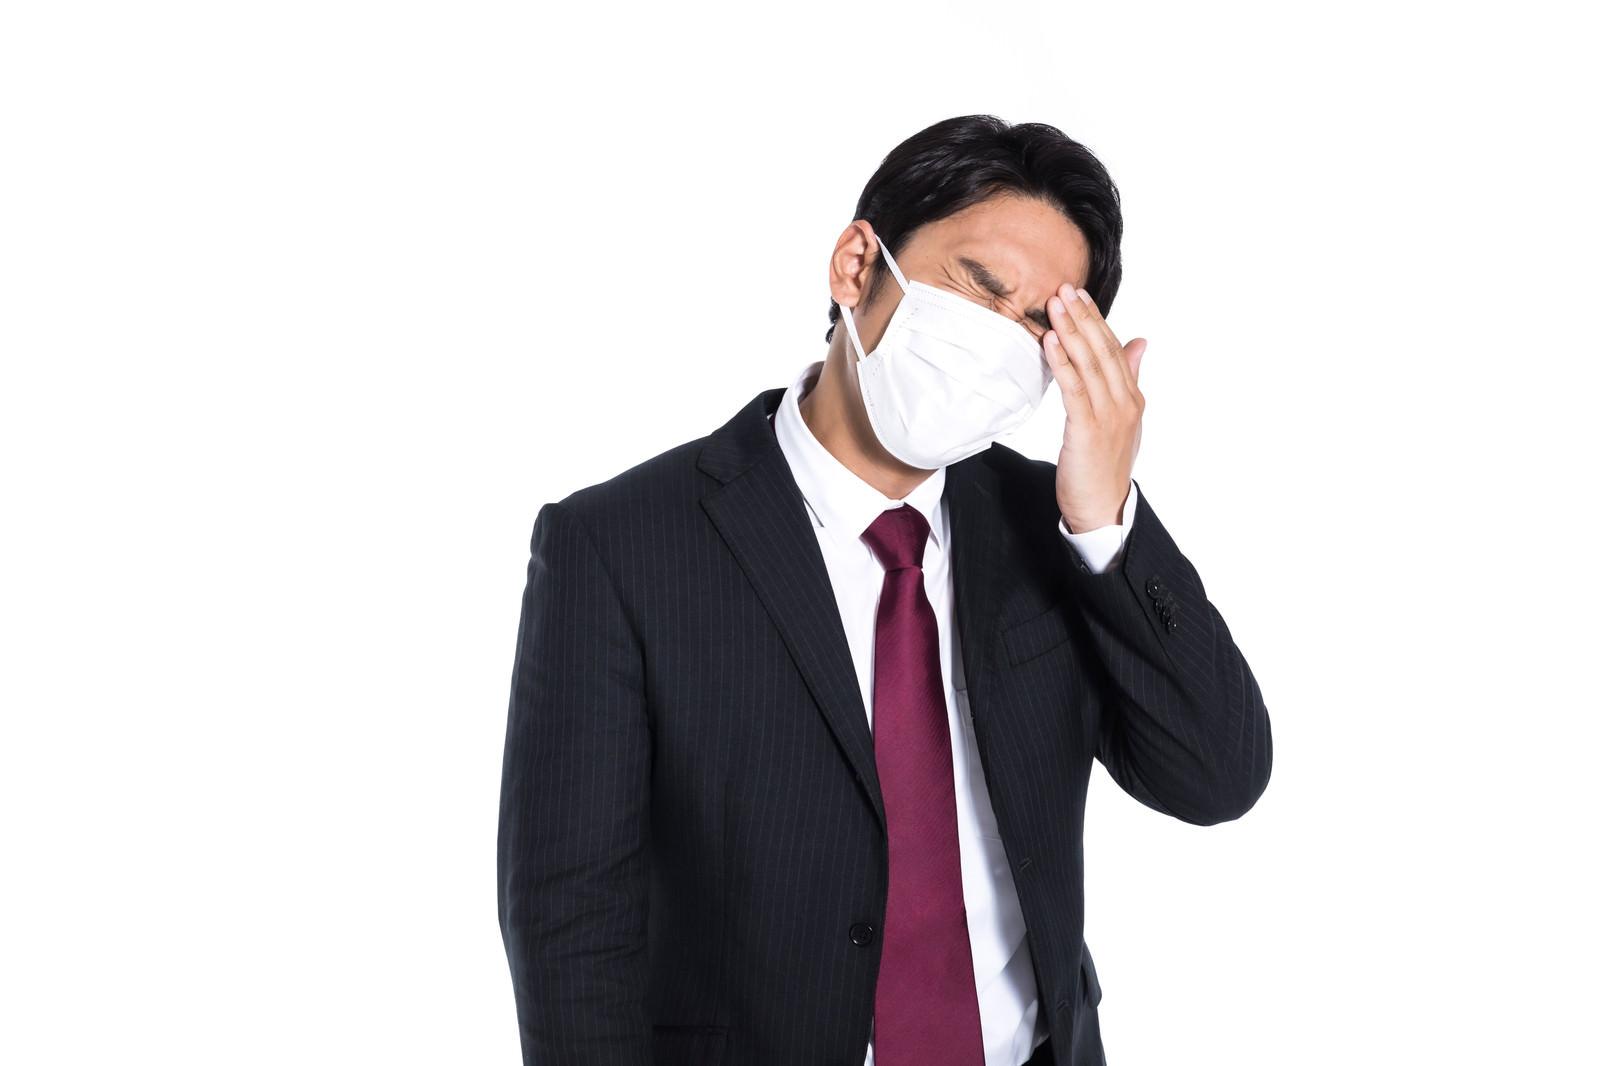 「微熱があるのでマスクを着用した会社員」の写真[モデル:大川竜弥]